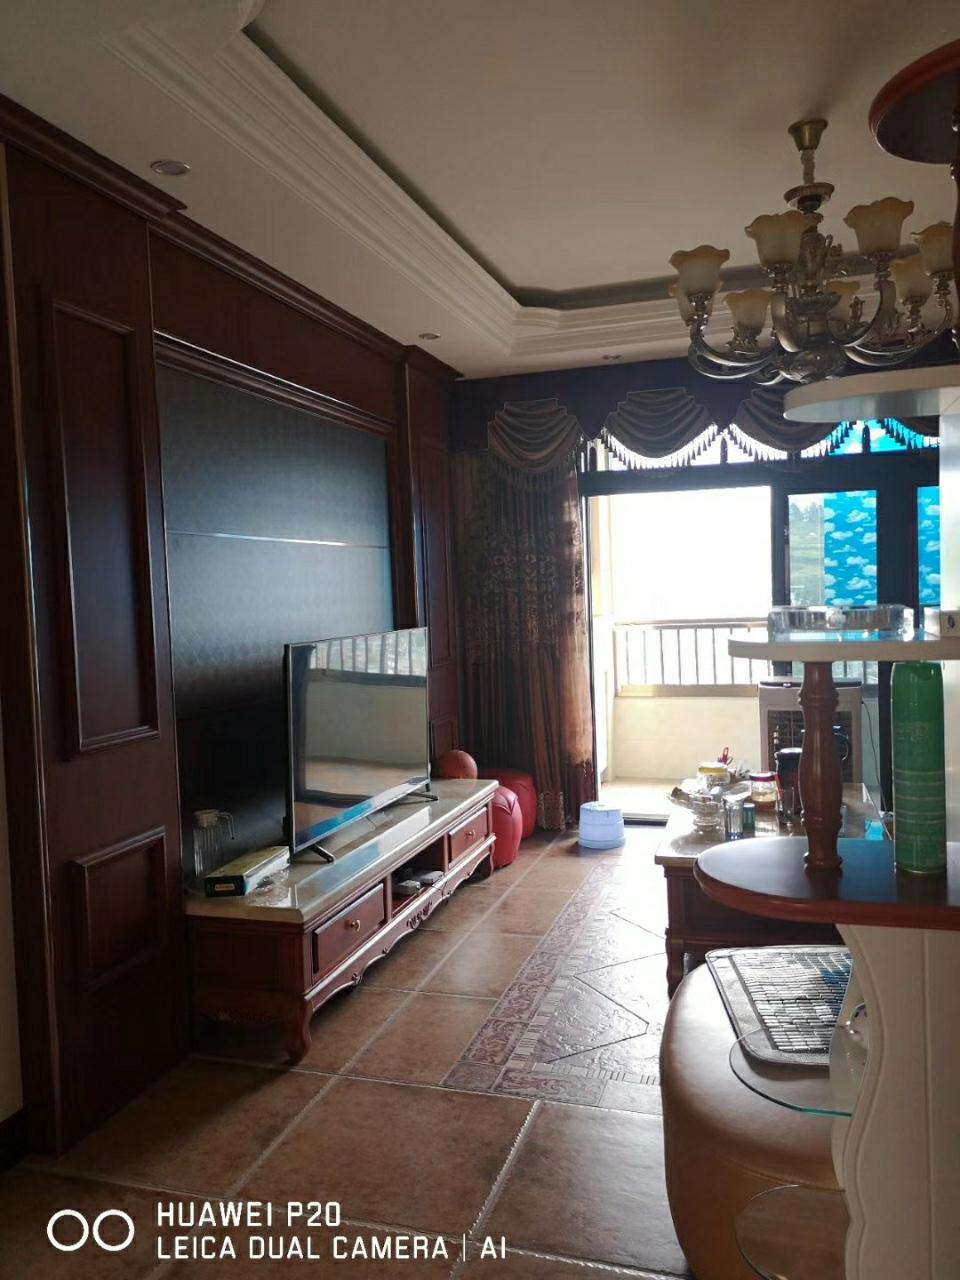 晋鹏·山台山3室 2厅 2卫79.8万元